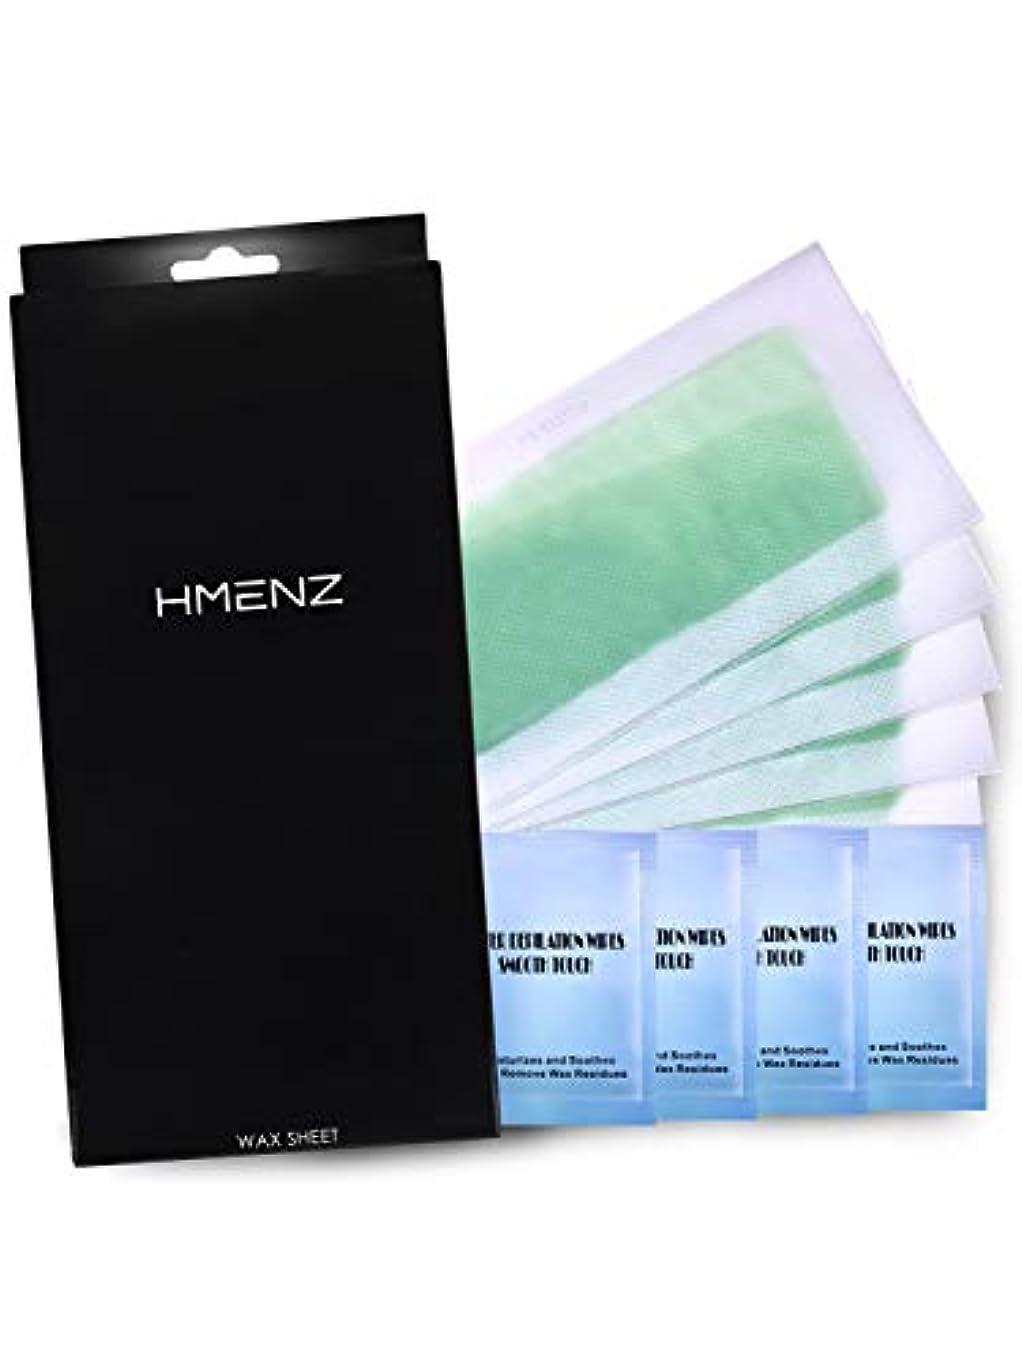 恐ろしいです喜んで周囲【 脱毛 除毛 初めての方に 】HMENZ メンズ ブラジリアンワックス シート 大容量40枚 【 ふき取りシート20枚 】(脱毛シート 脱毛テープ 除毛シート)